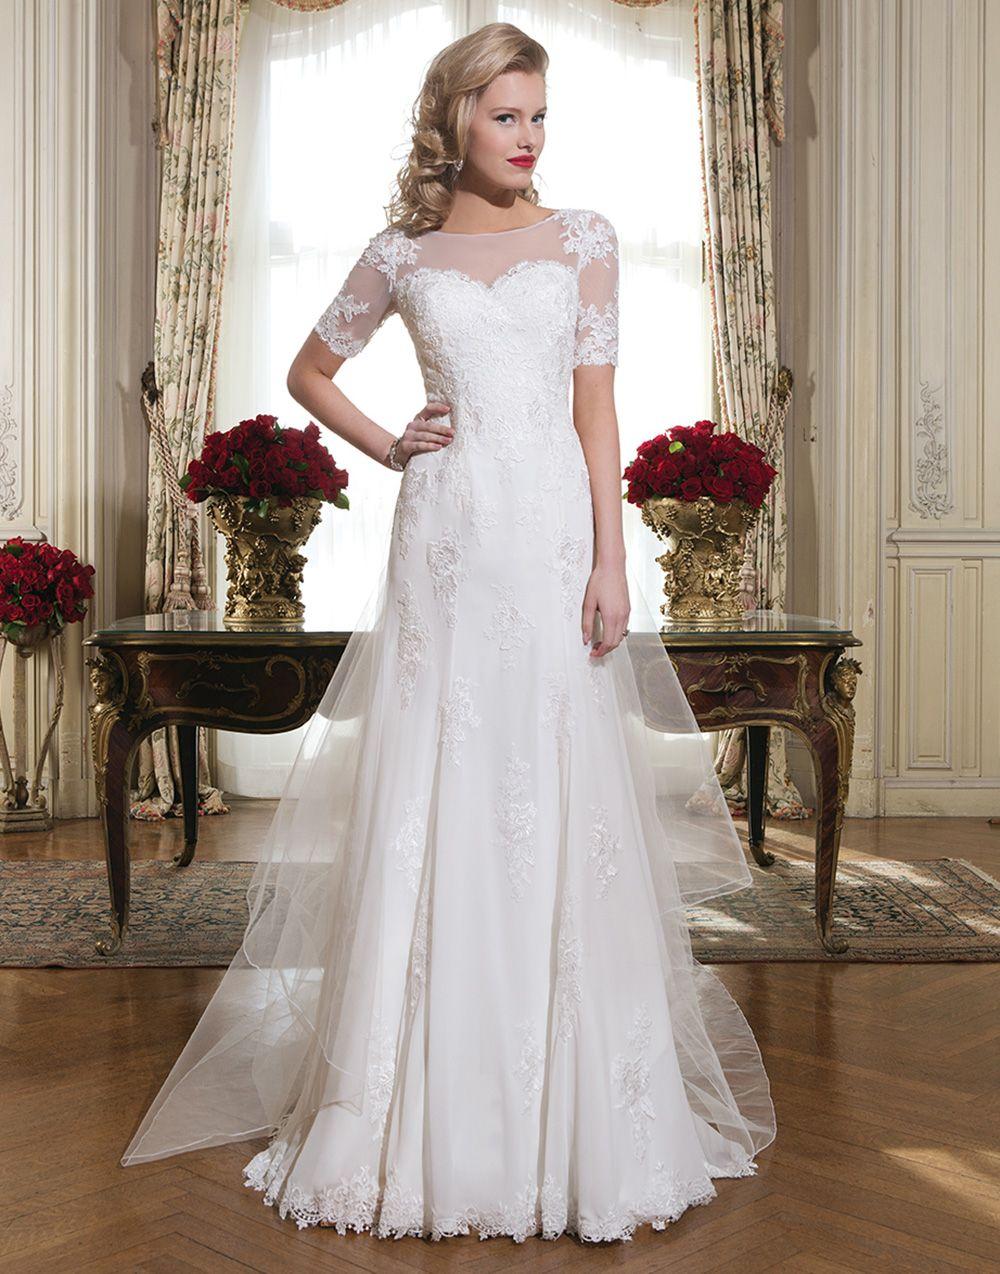 Justin alexander wedding dresses style neckline wedding